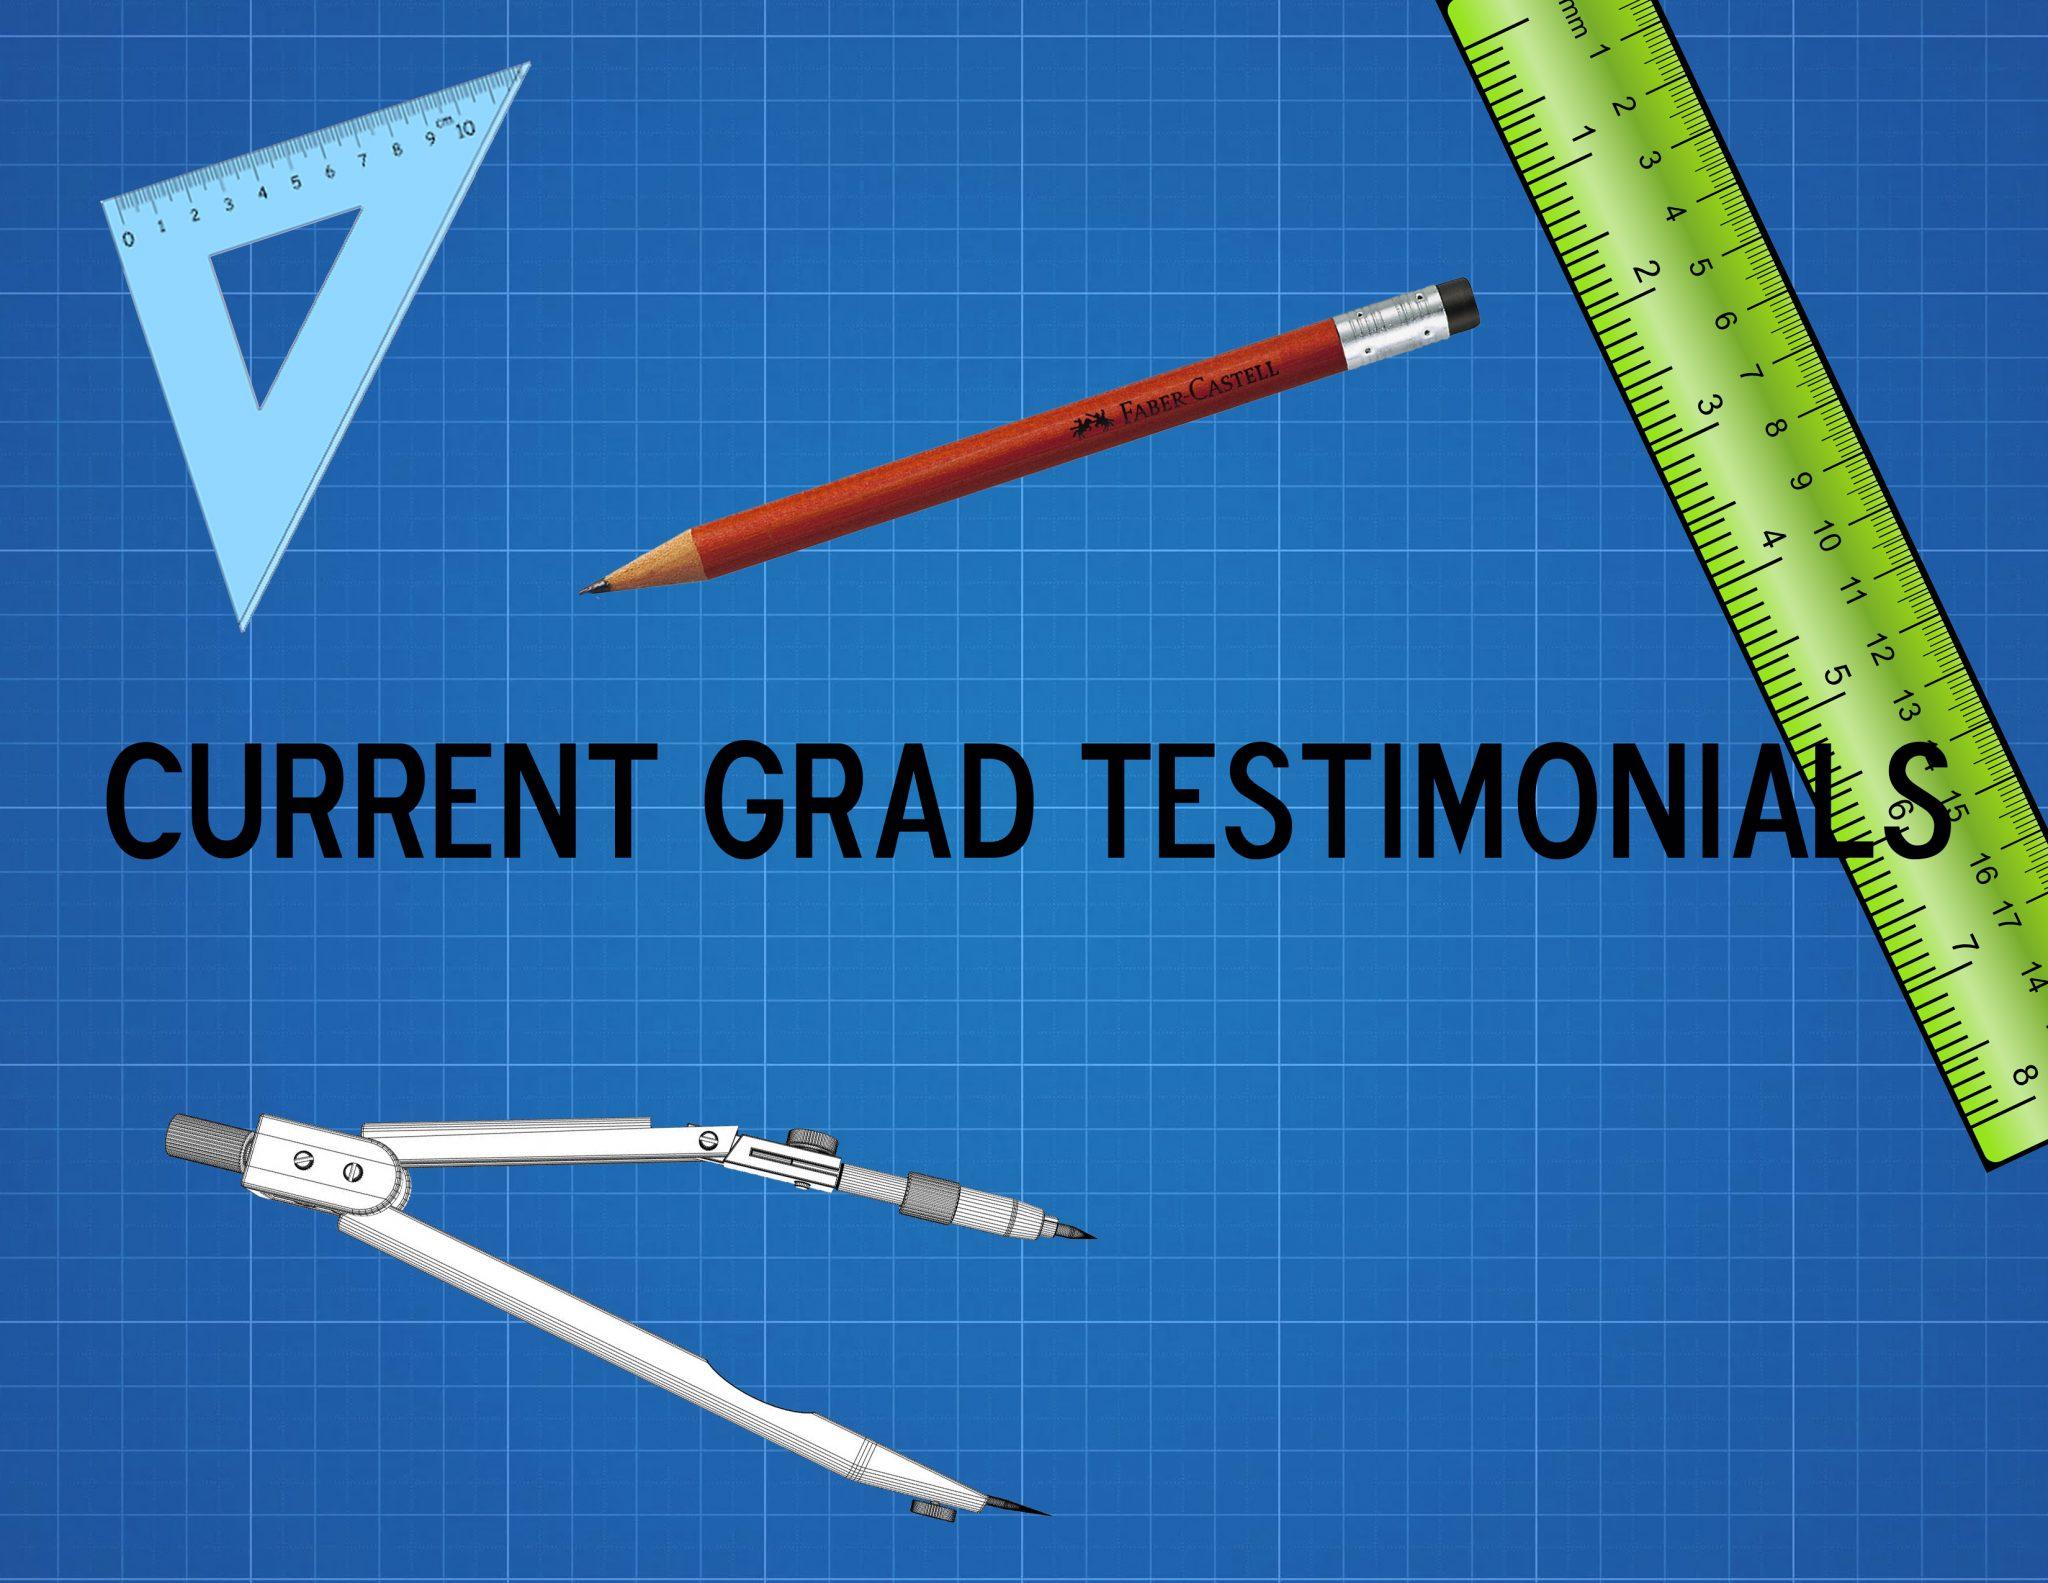 Current Grad Testimonials